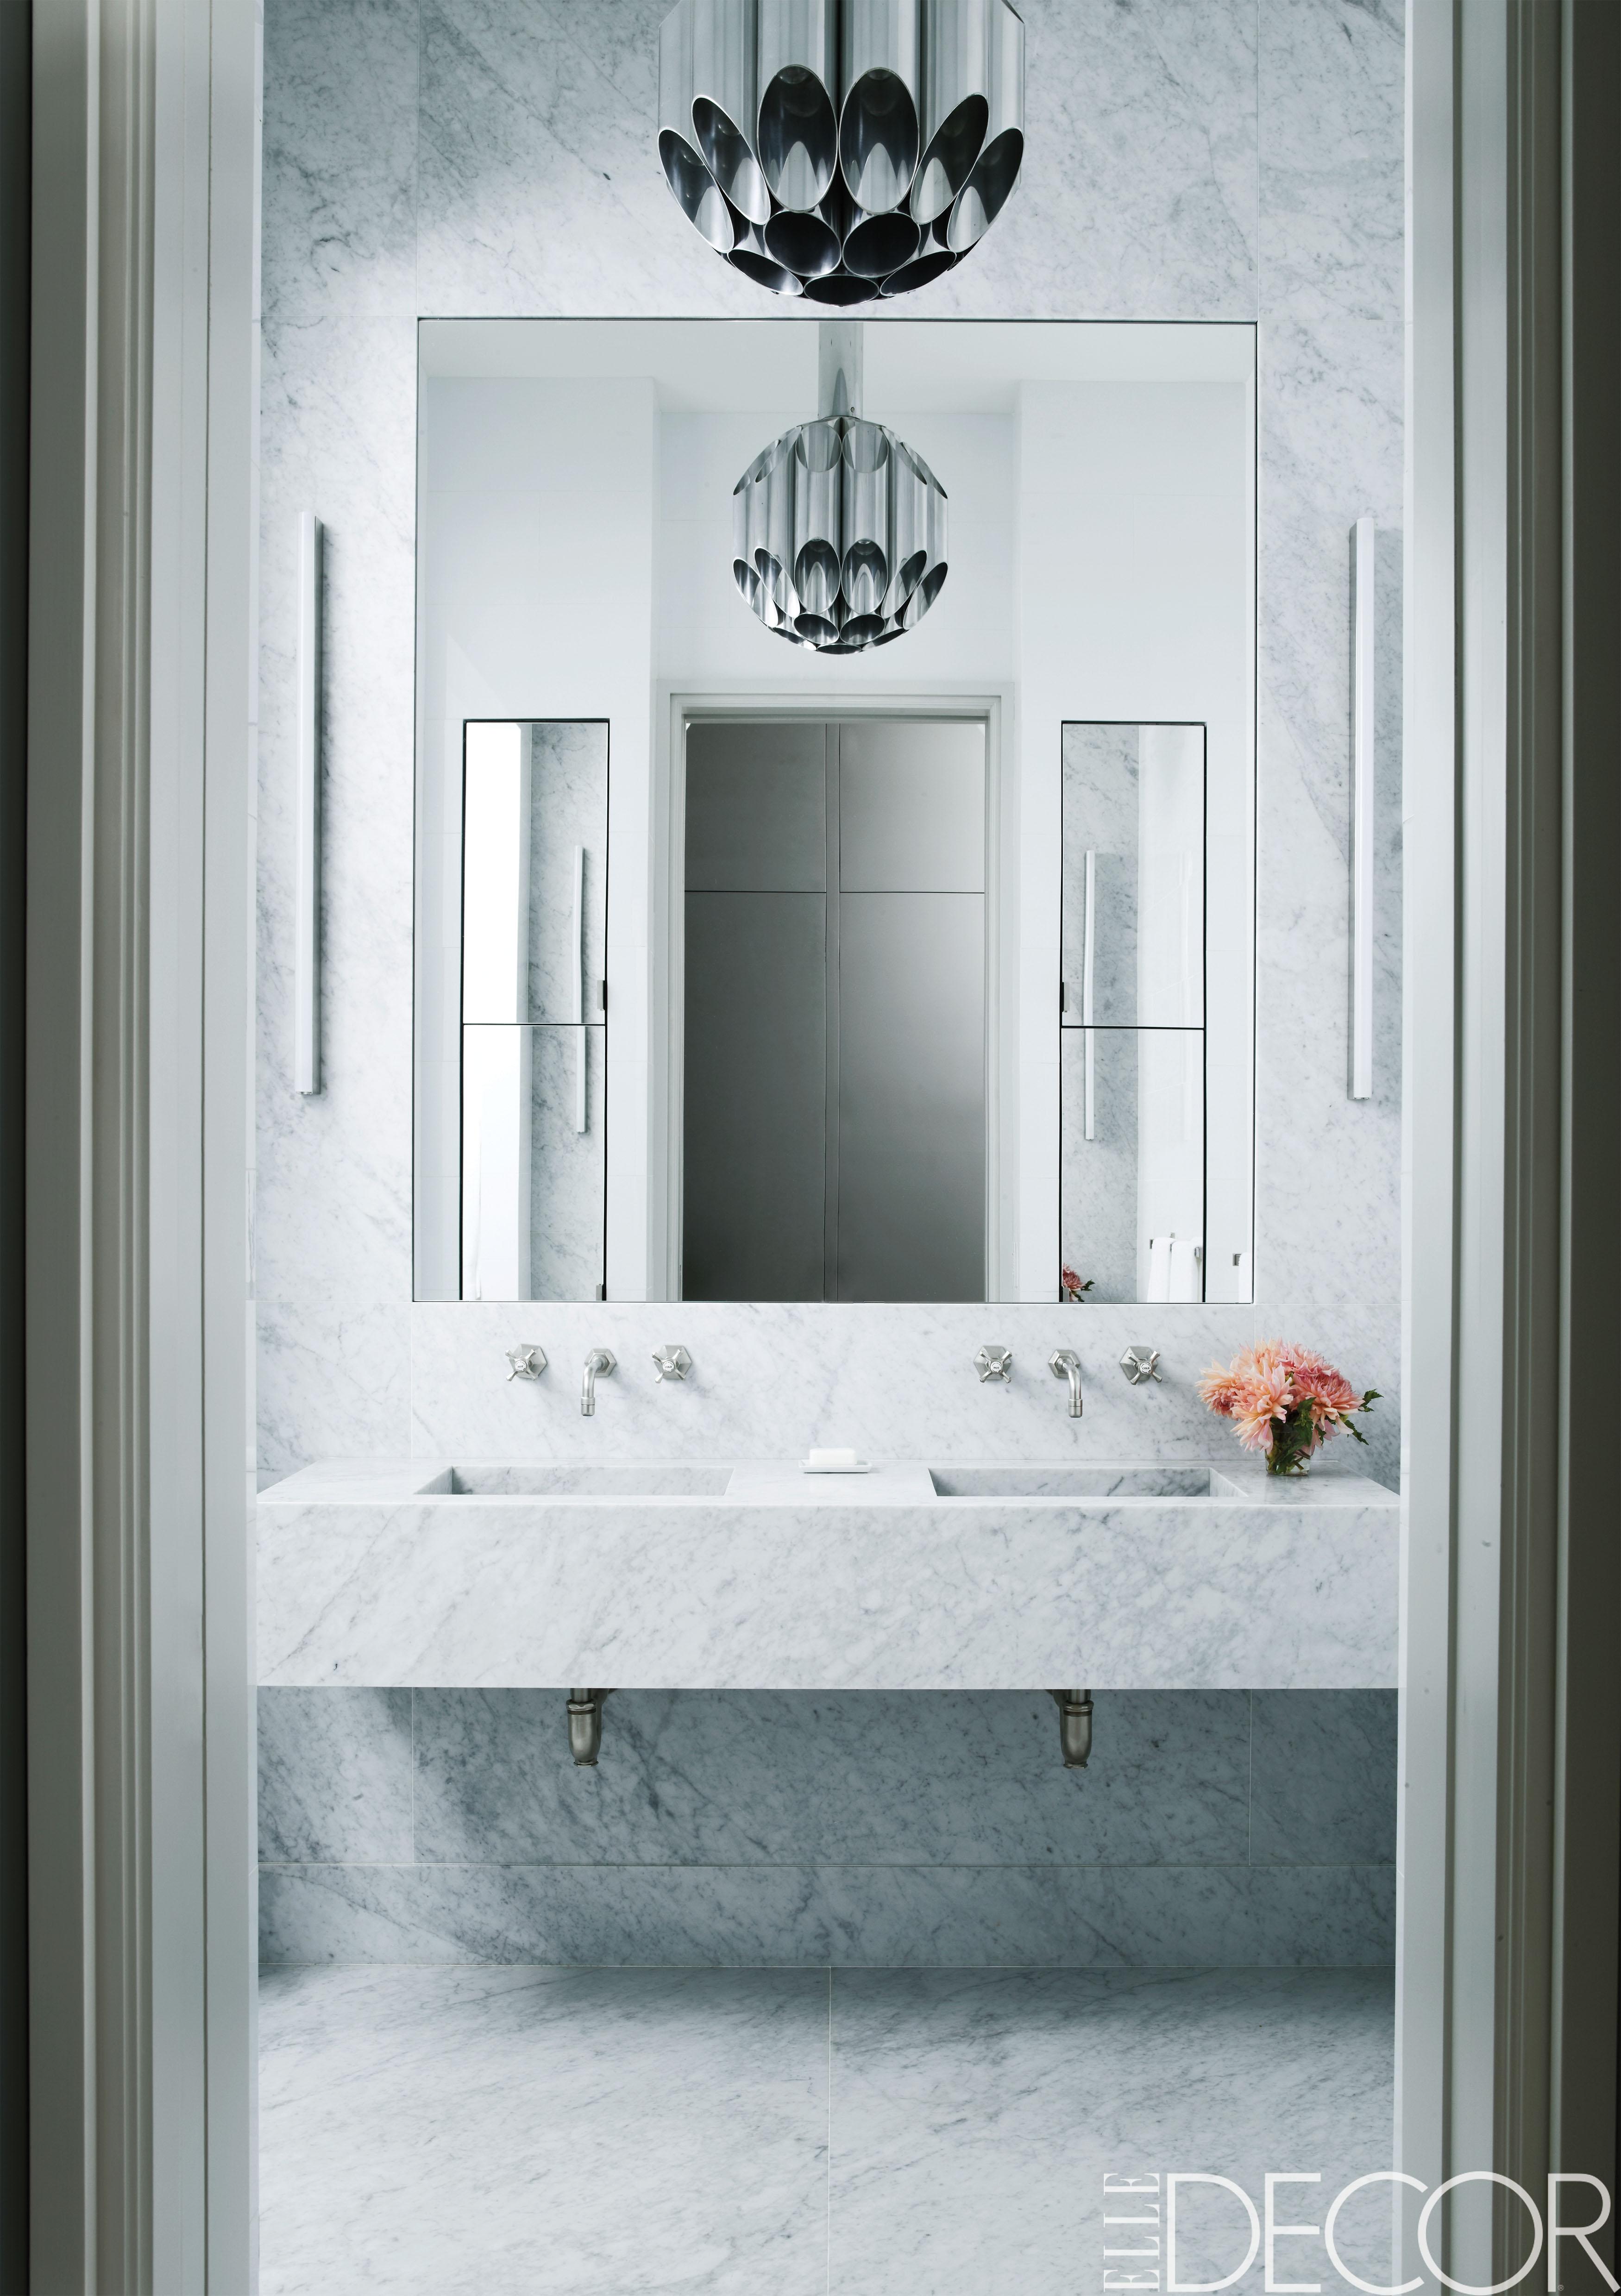 Bathroom Mirror Design Image